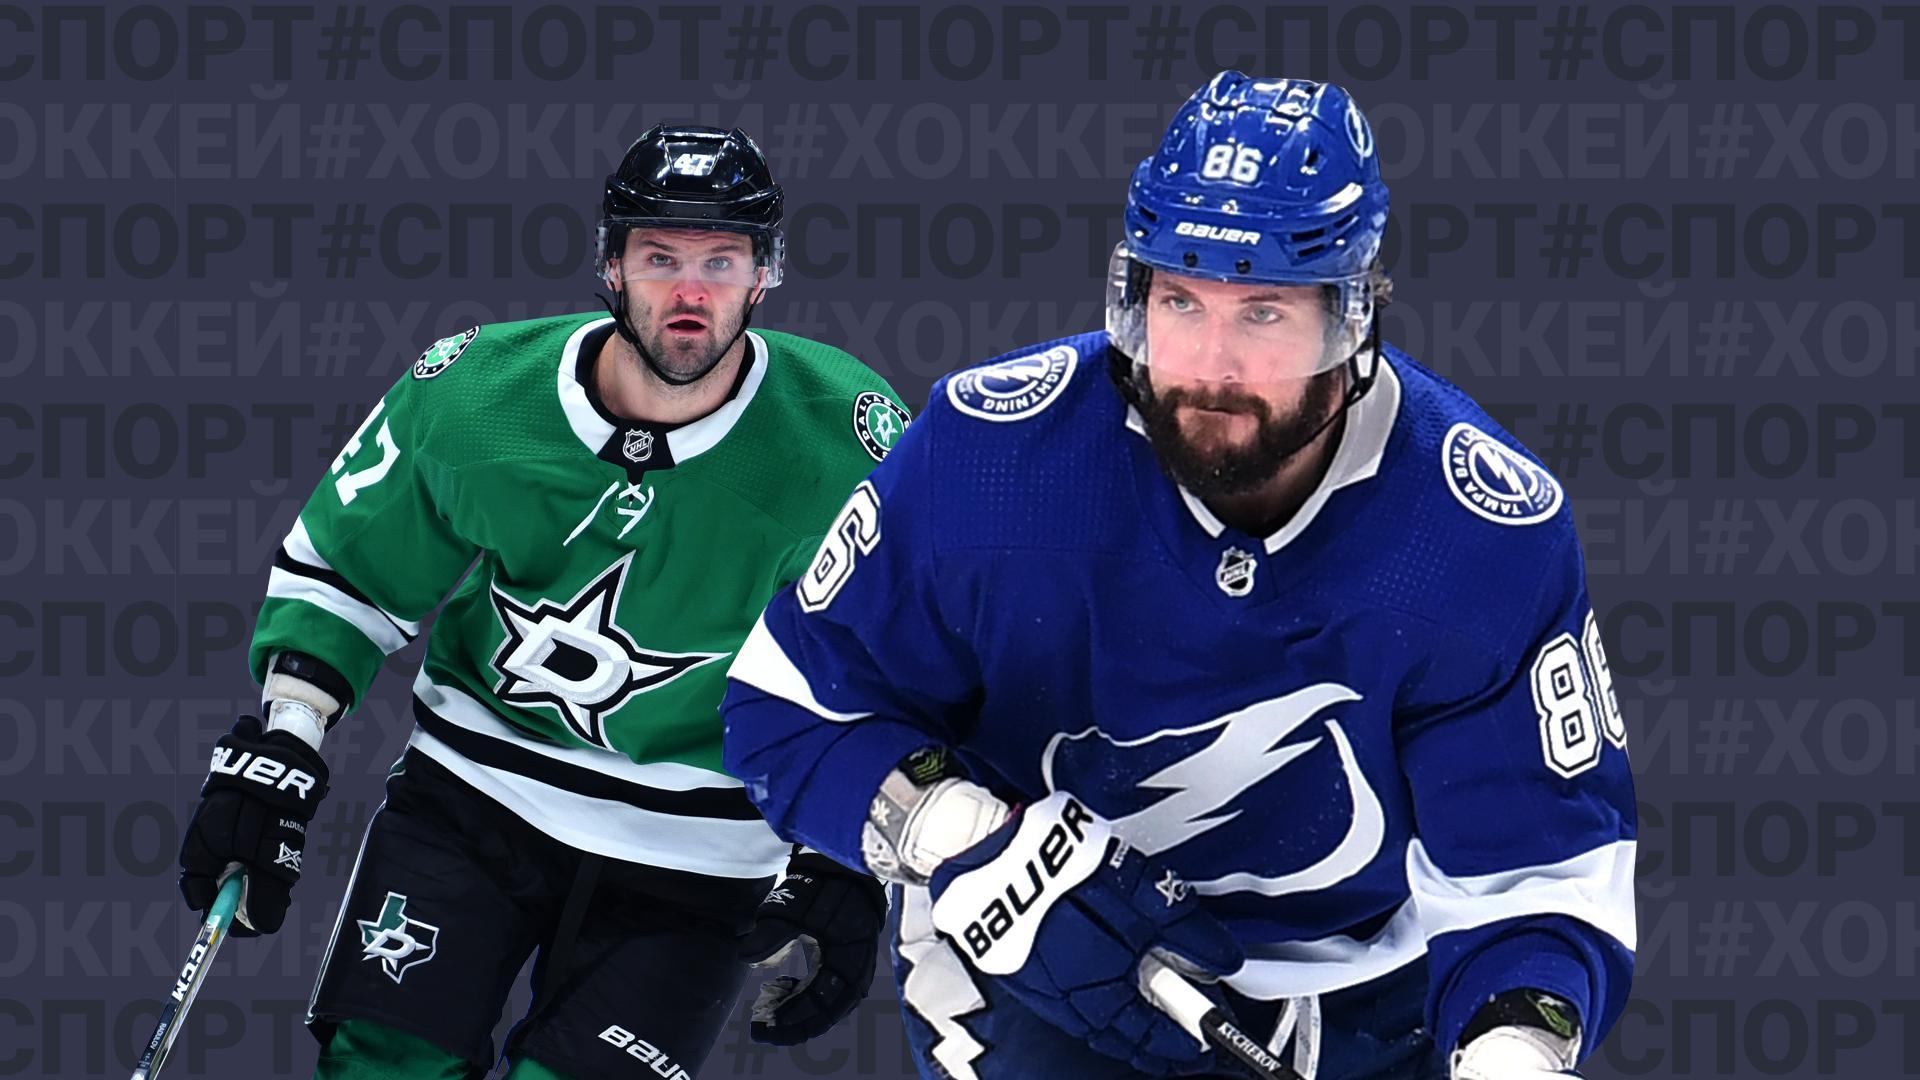 <p>Коллаж ©LIFE. Фото © Andy Devlin / NHLI via Getty Images, © Glenn James / NHLI via Getty Images</p>